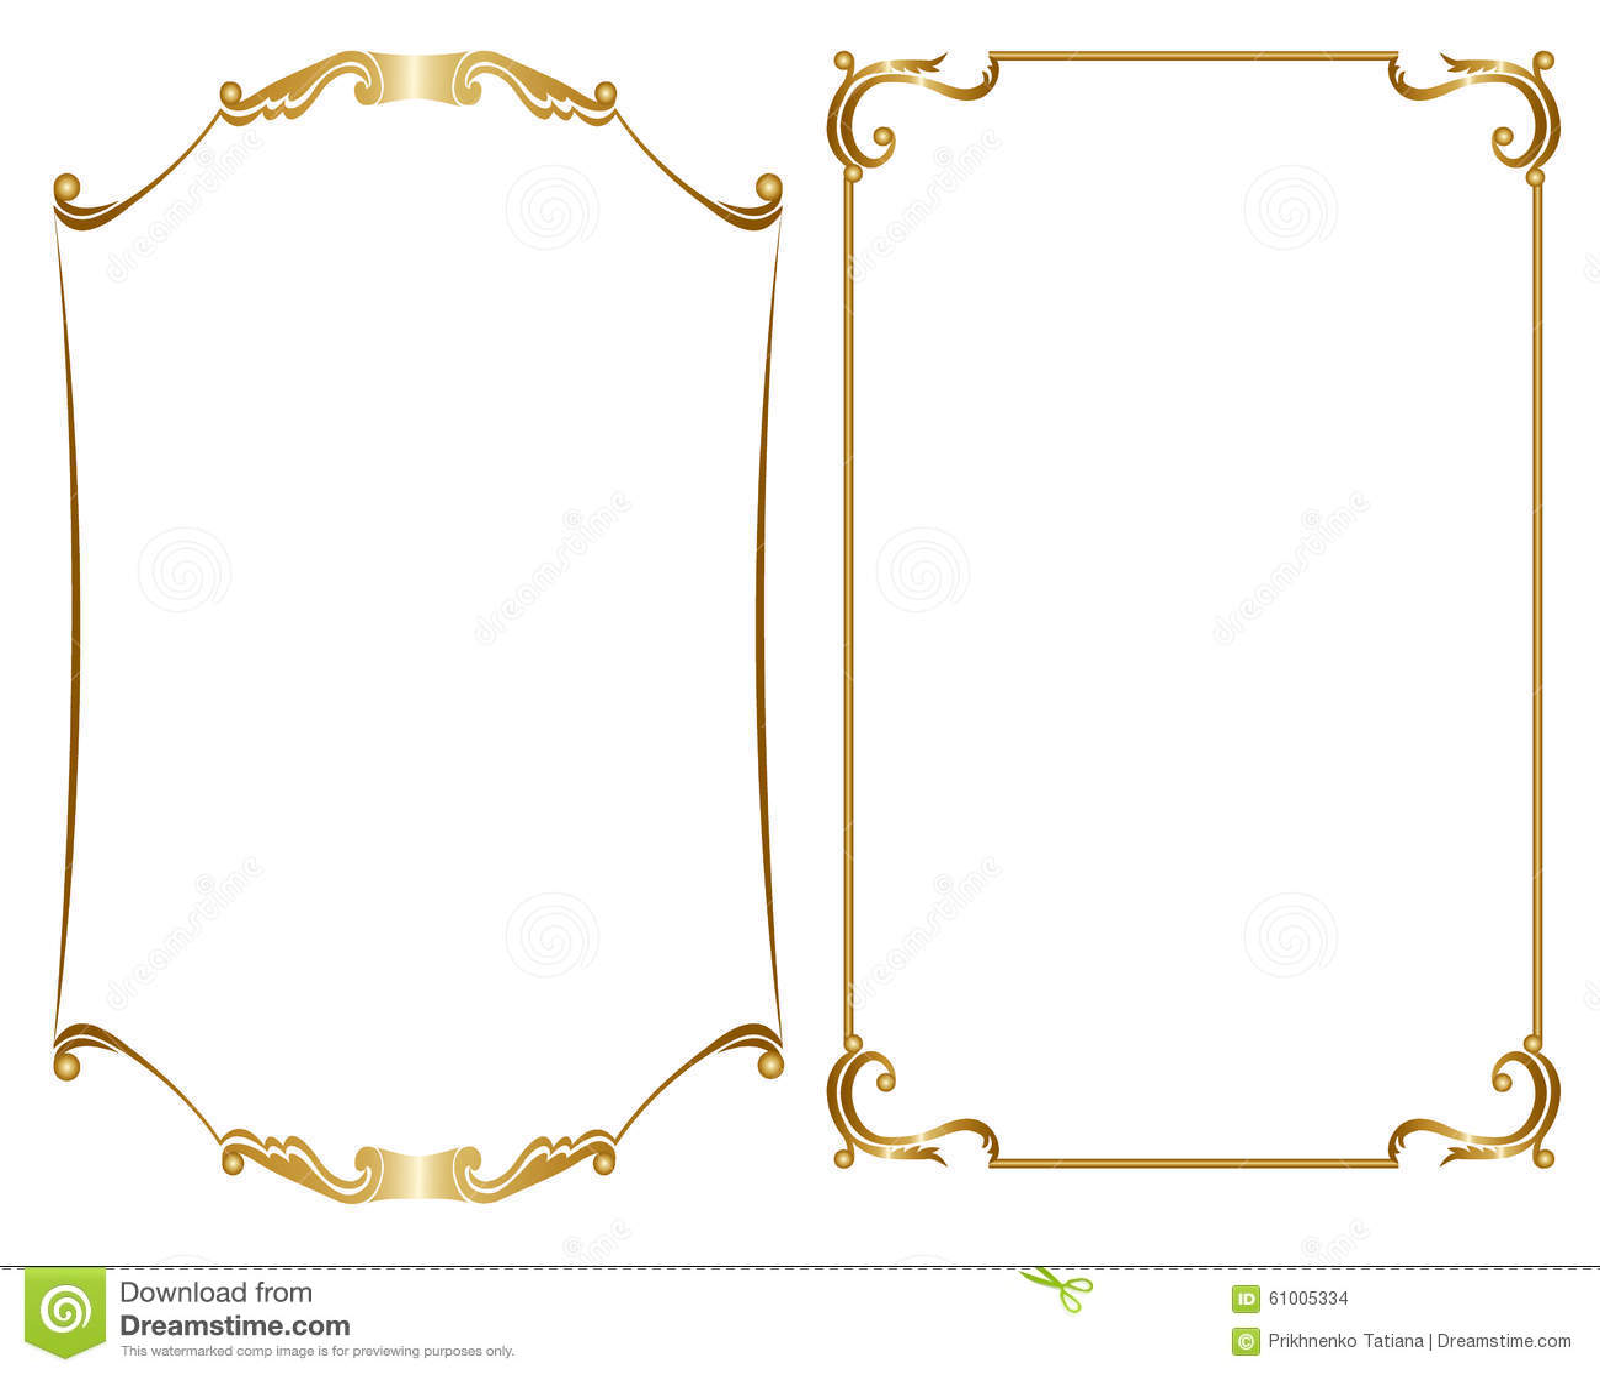 84b29637b2e Two gold frame stock vector. Illustration of artwork - 61005334